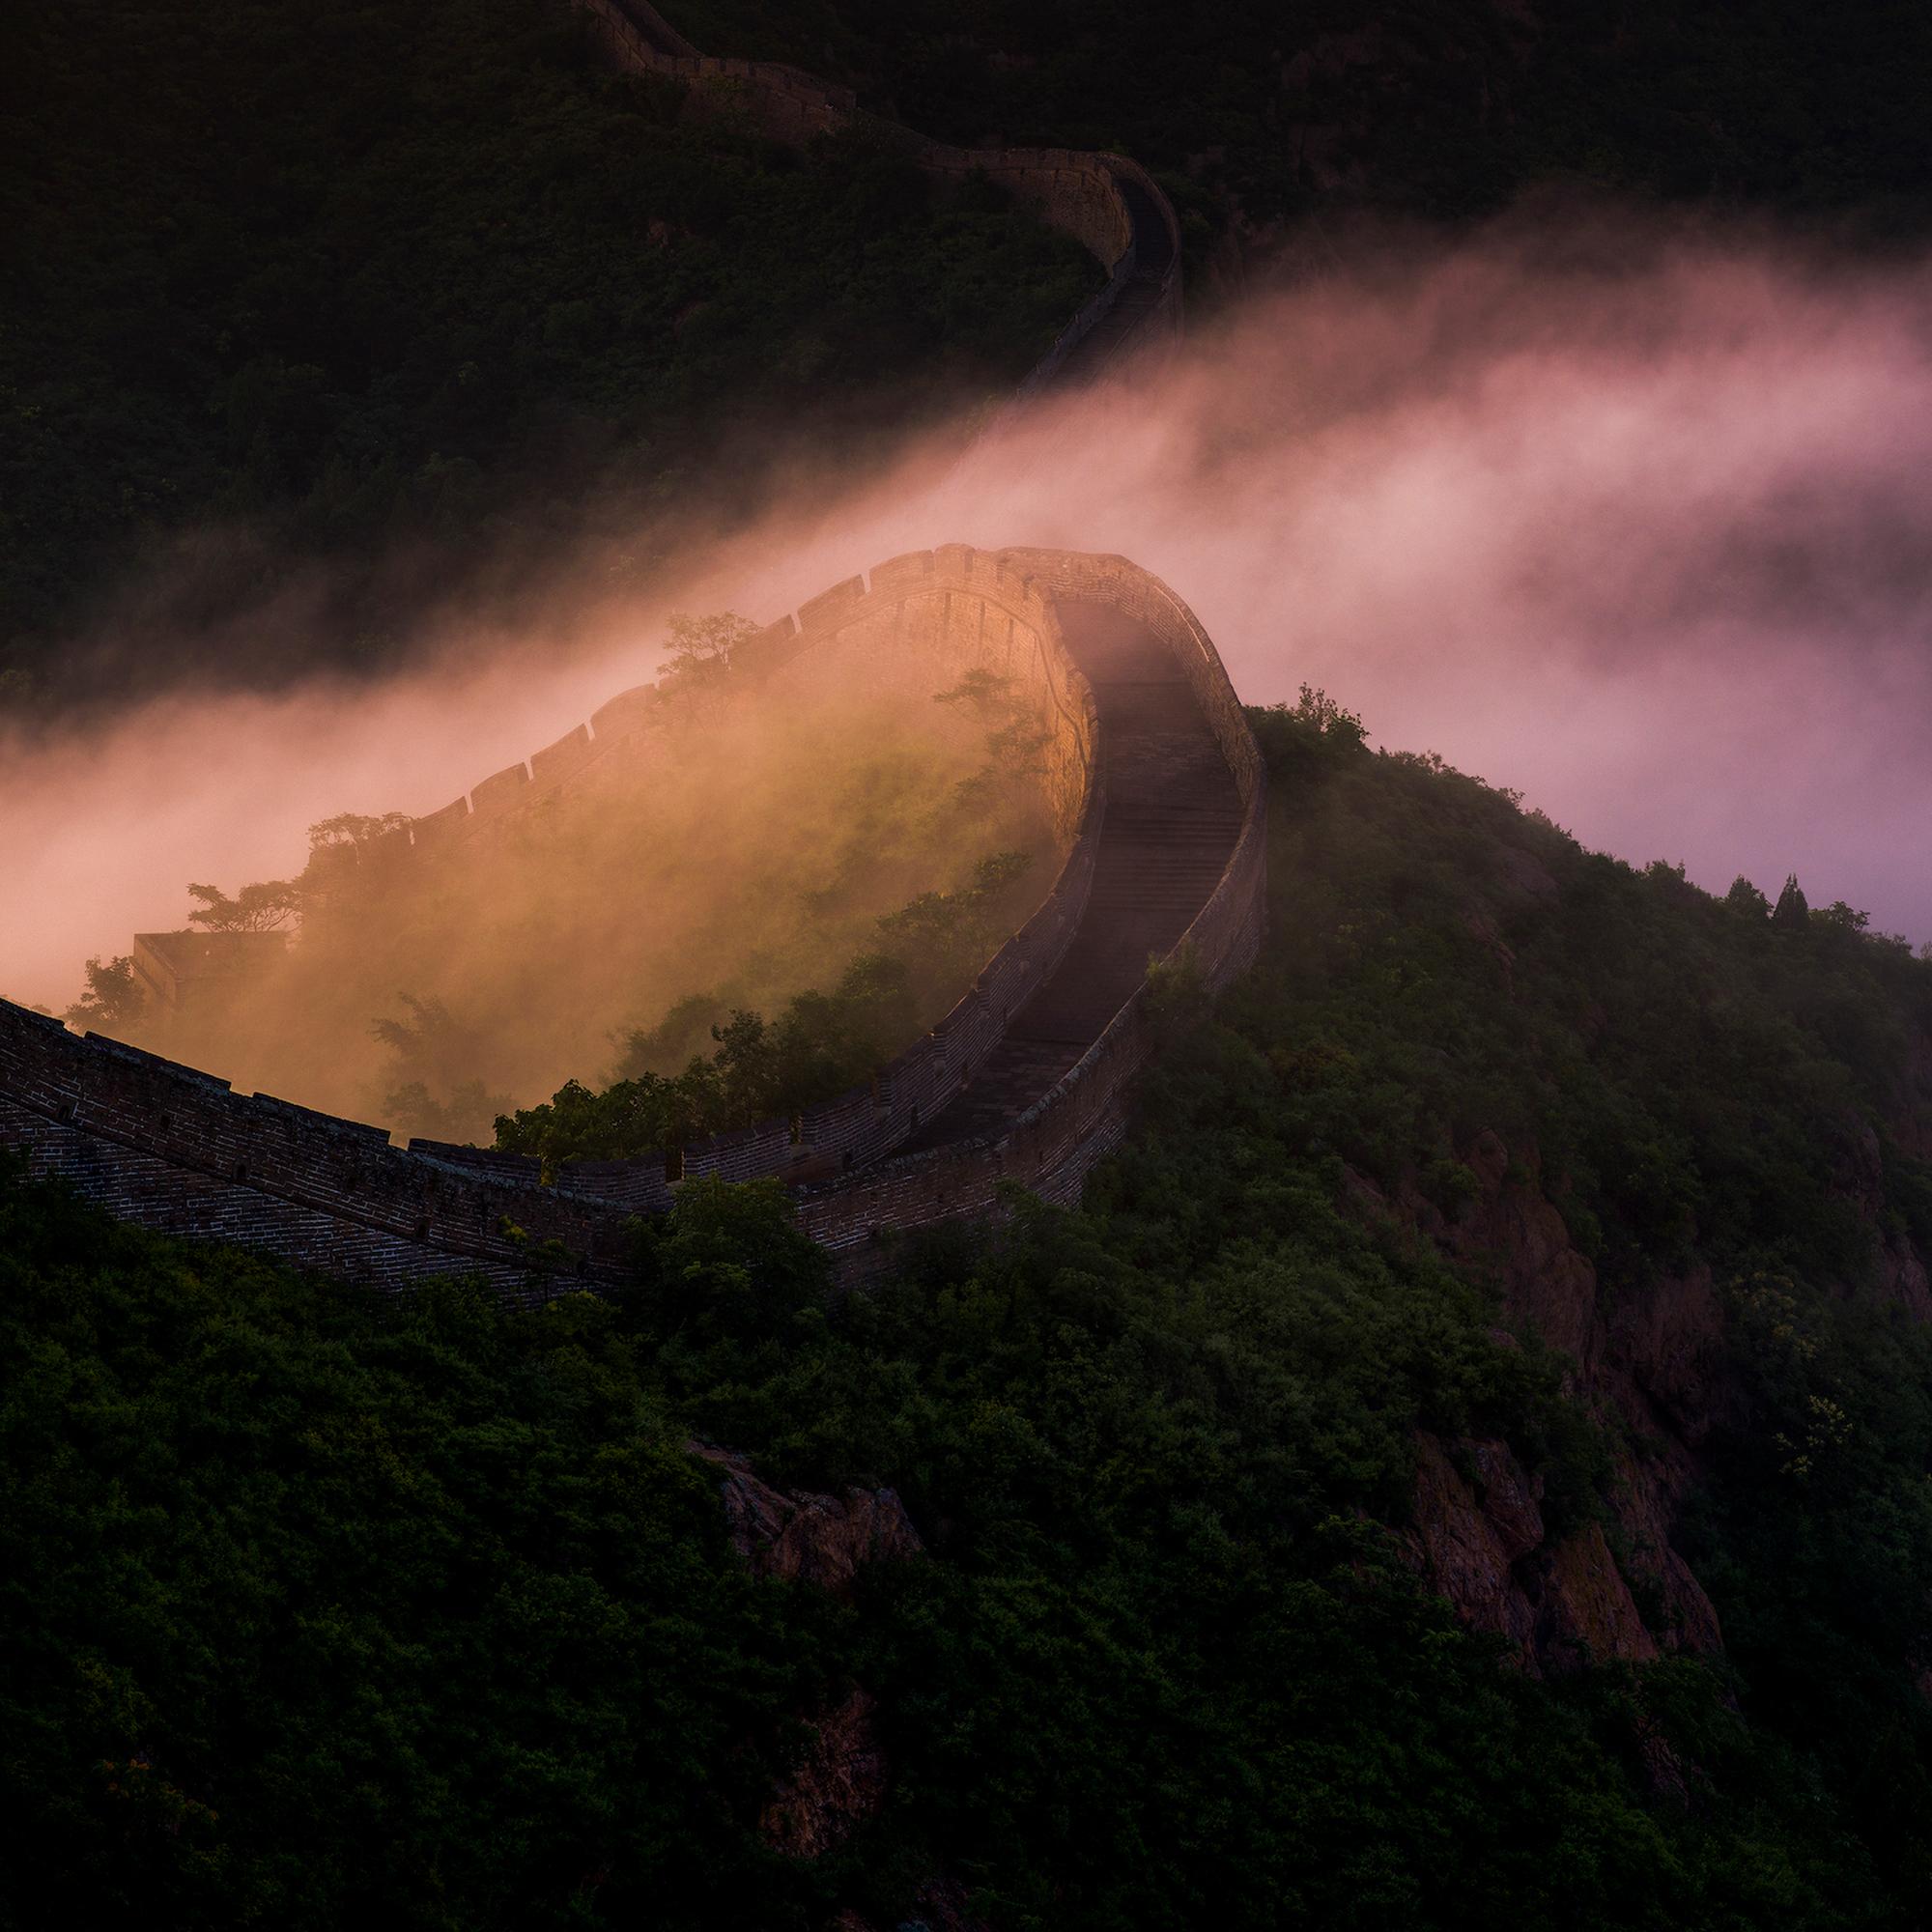 Yang Dong | Capturing the Great Wall